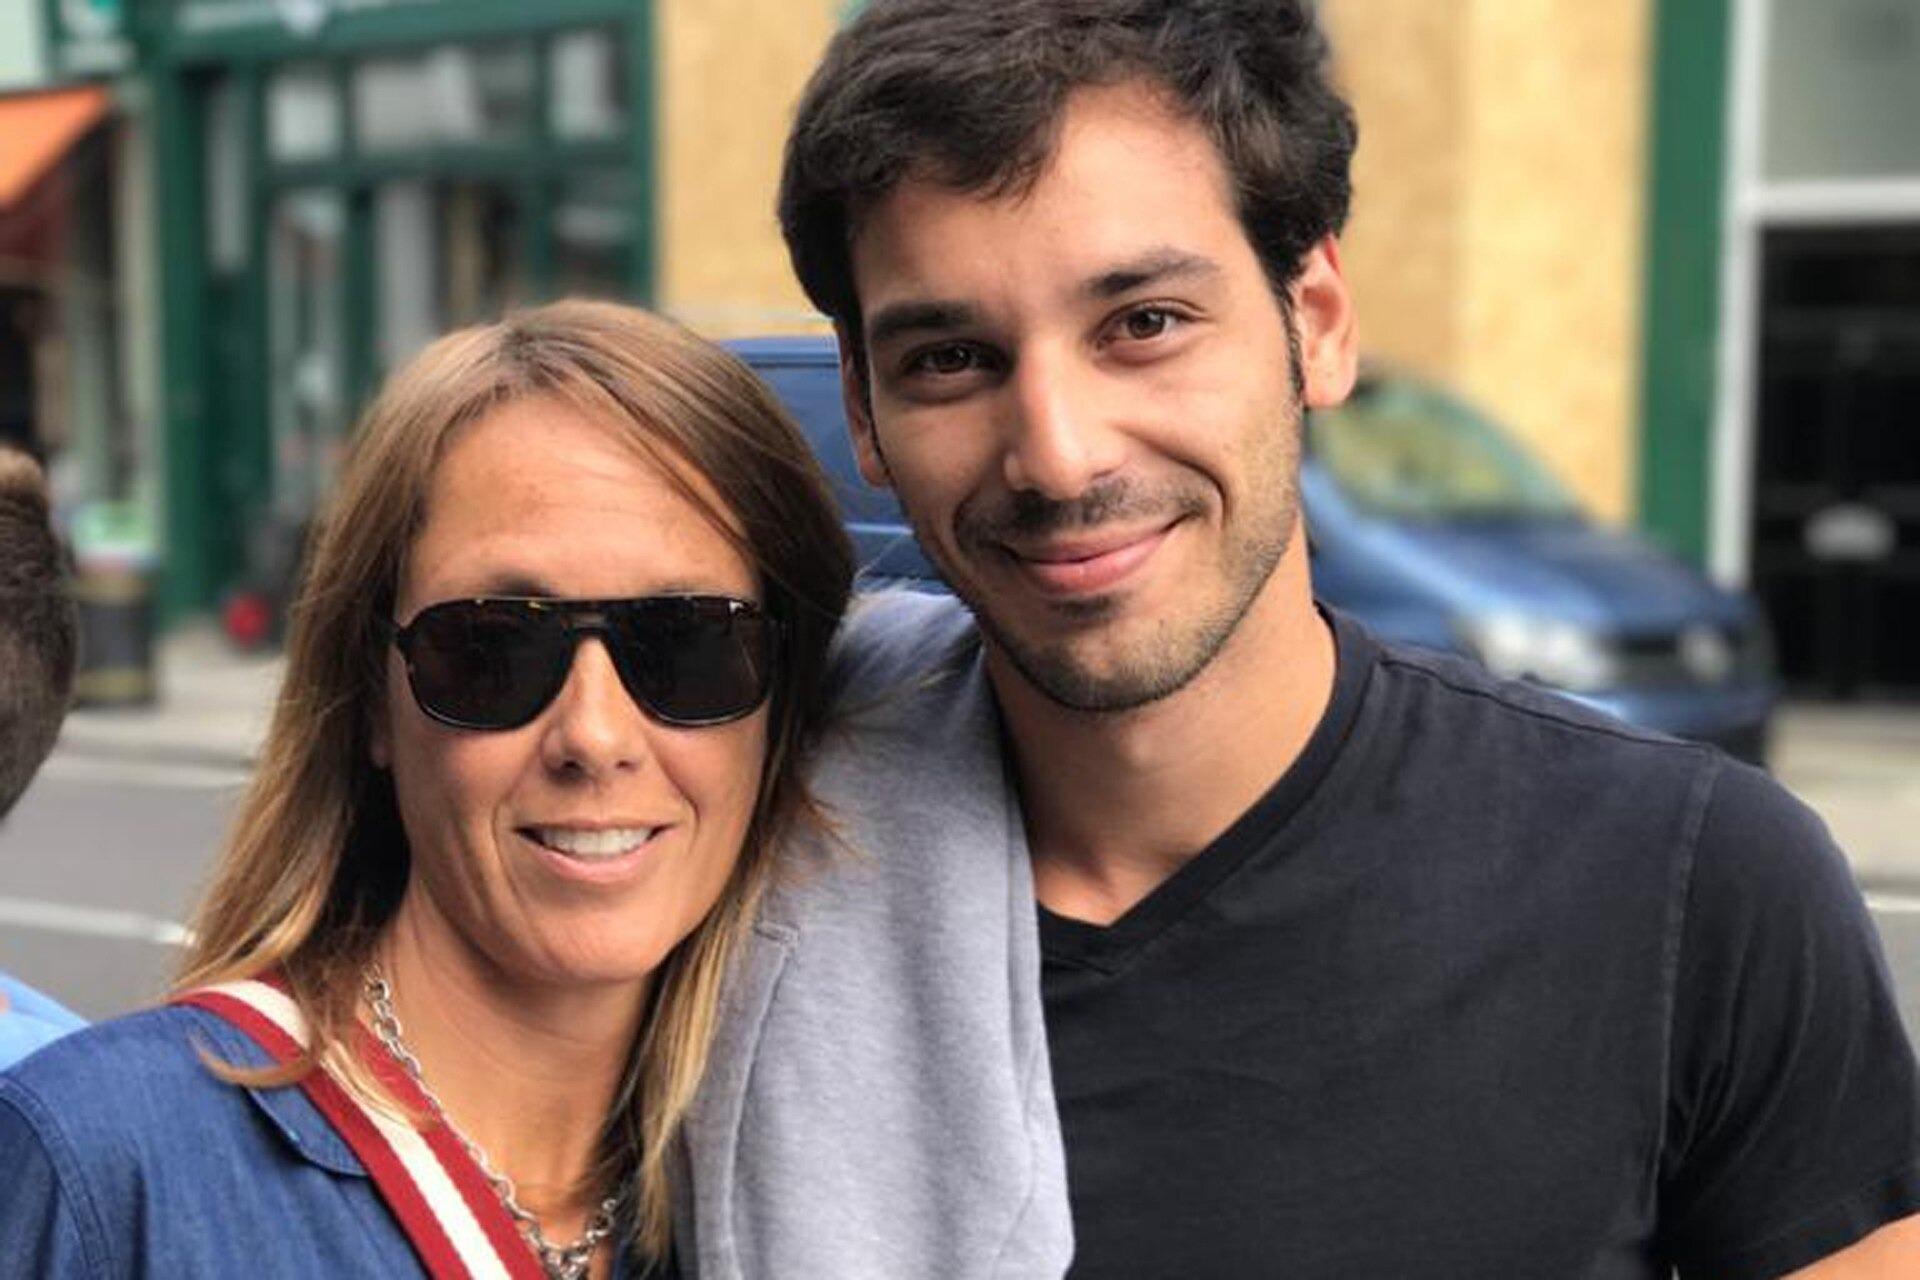 Su hijo se suicidó en Buenos Aires, la autorizó a mostrar su carta de despedida y hoy busca acompañar a otras familias en duelo